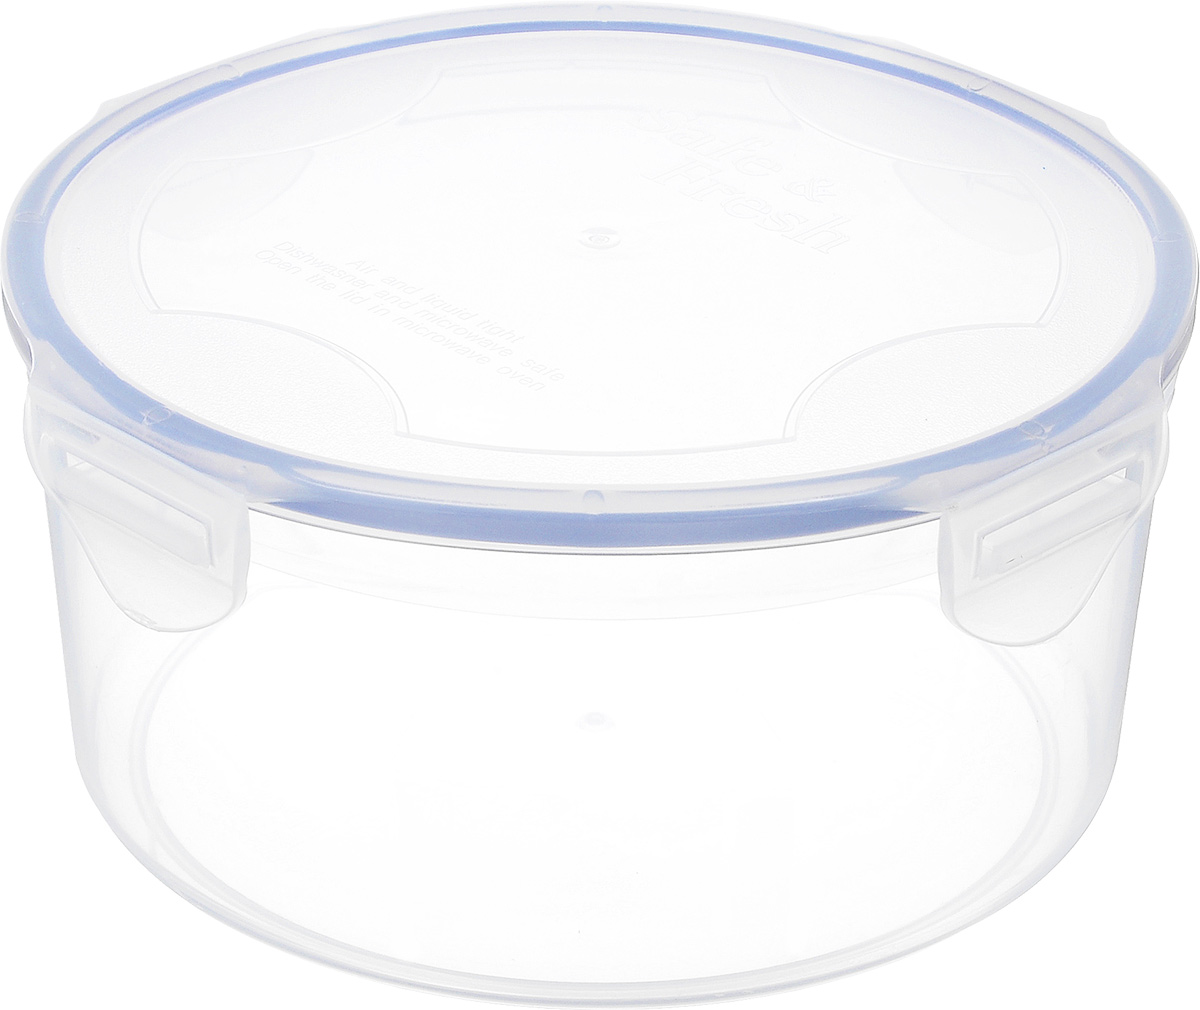 Контейнер пищевой Tek-a-Tek, 1,4 лSF8-1Пищевой контейнер Tek-a-Tek выполнен из высококачественного пластика. Изделие оснащено четырехсторонними петлями-замками и силиконовой прокладкой на внутренней стороне крышки. Это позволяет воде и воздуху не попадать внутрь, сохраняется герметичность. Изделие абсолютно нетоксично при любом температурном режиме. Можно использовать в посудомоечной машине, а так же в микроволновой печи (без крышки), замораживать до -20°С и размораживать различные продукты без потери вкусовых качеств.